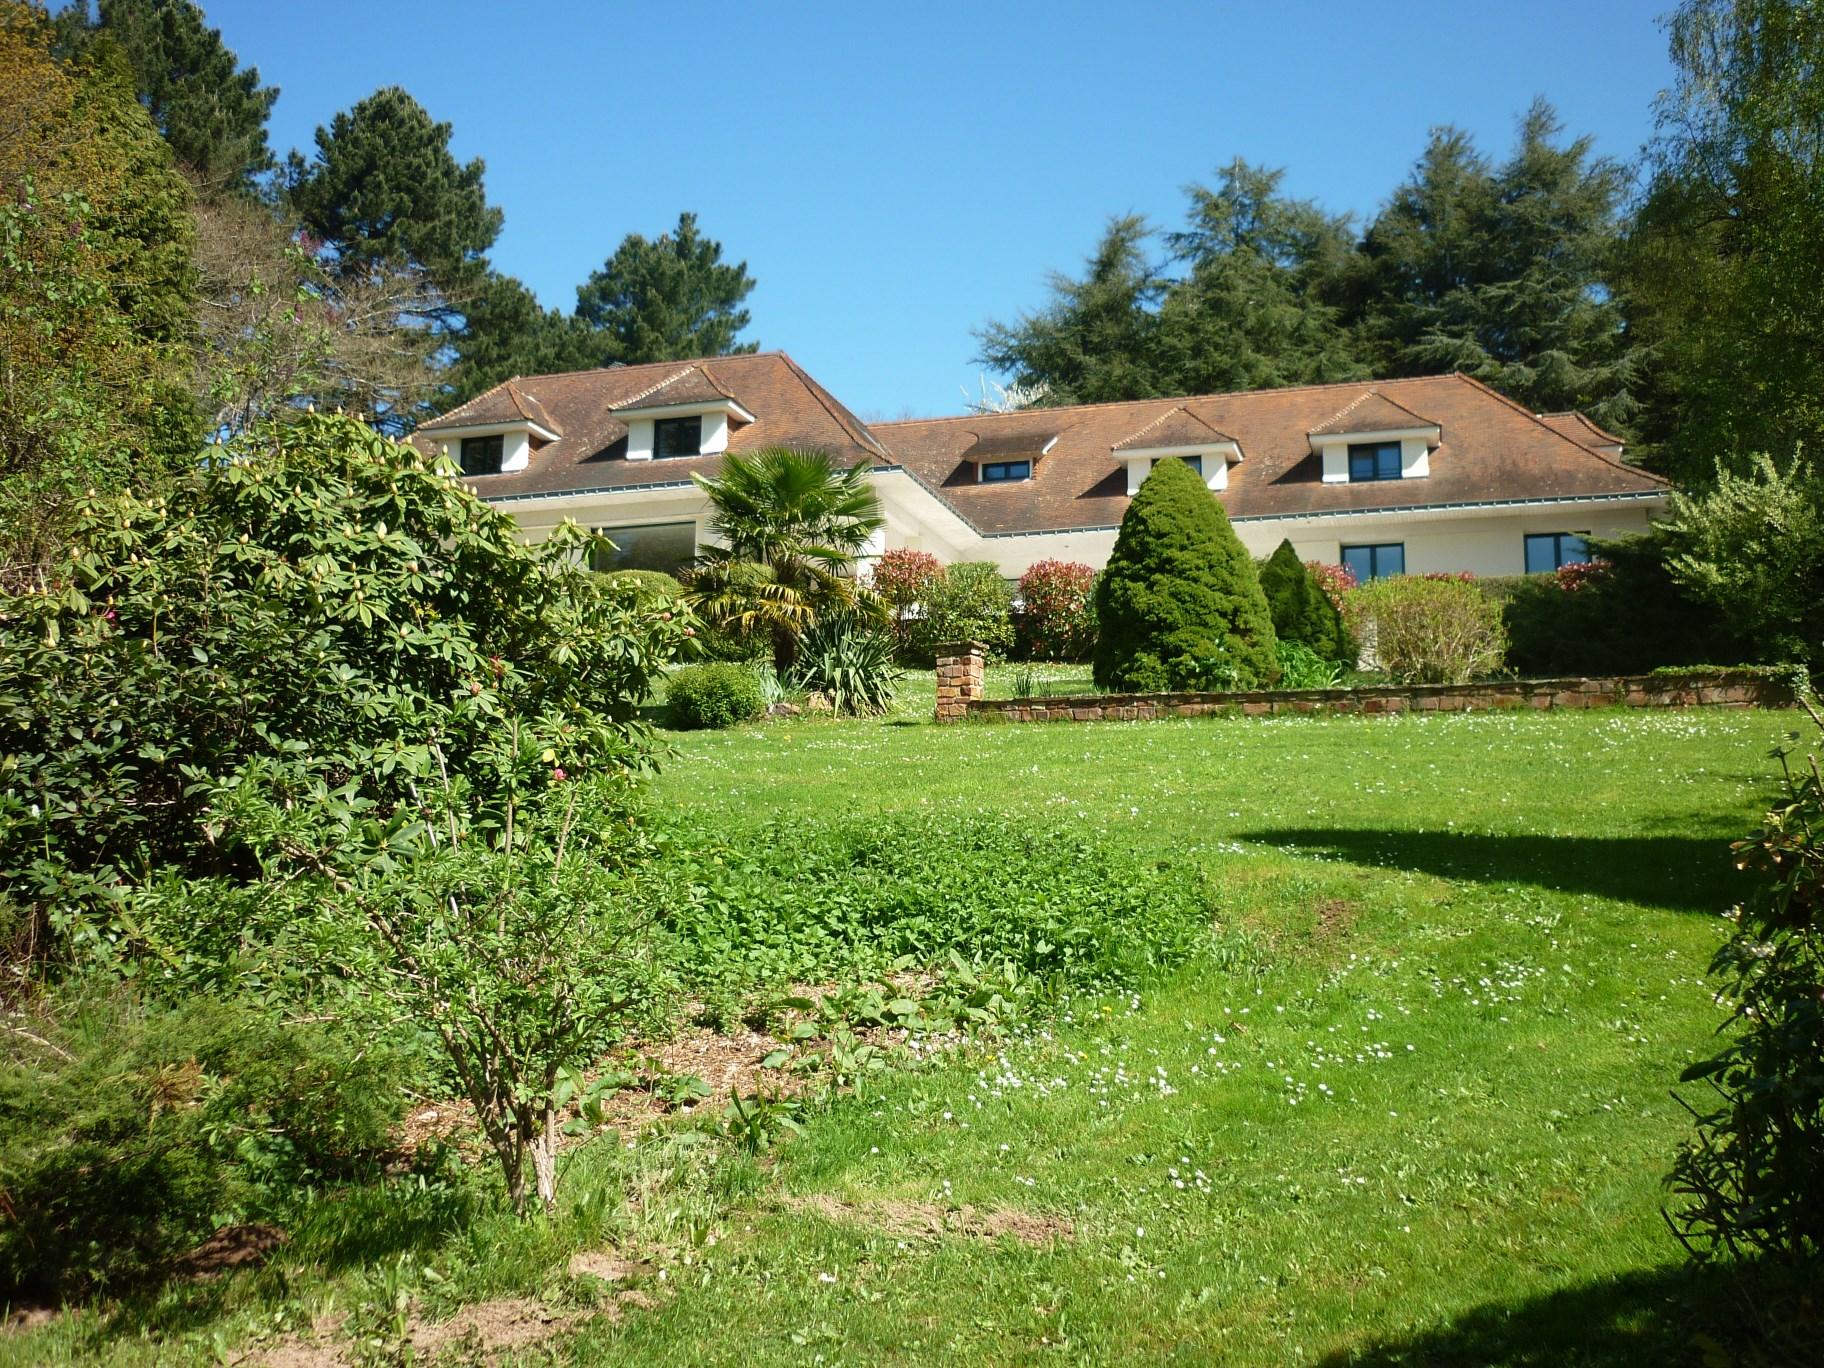 Single Family Home for Sale at SUPERBE MAISON AVEC PISCINE INTEGRALEMENT RENOVEE STYLE CONTEMPORAIN Other Pays De La Loire, Pays De La Loire 44700 France